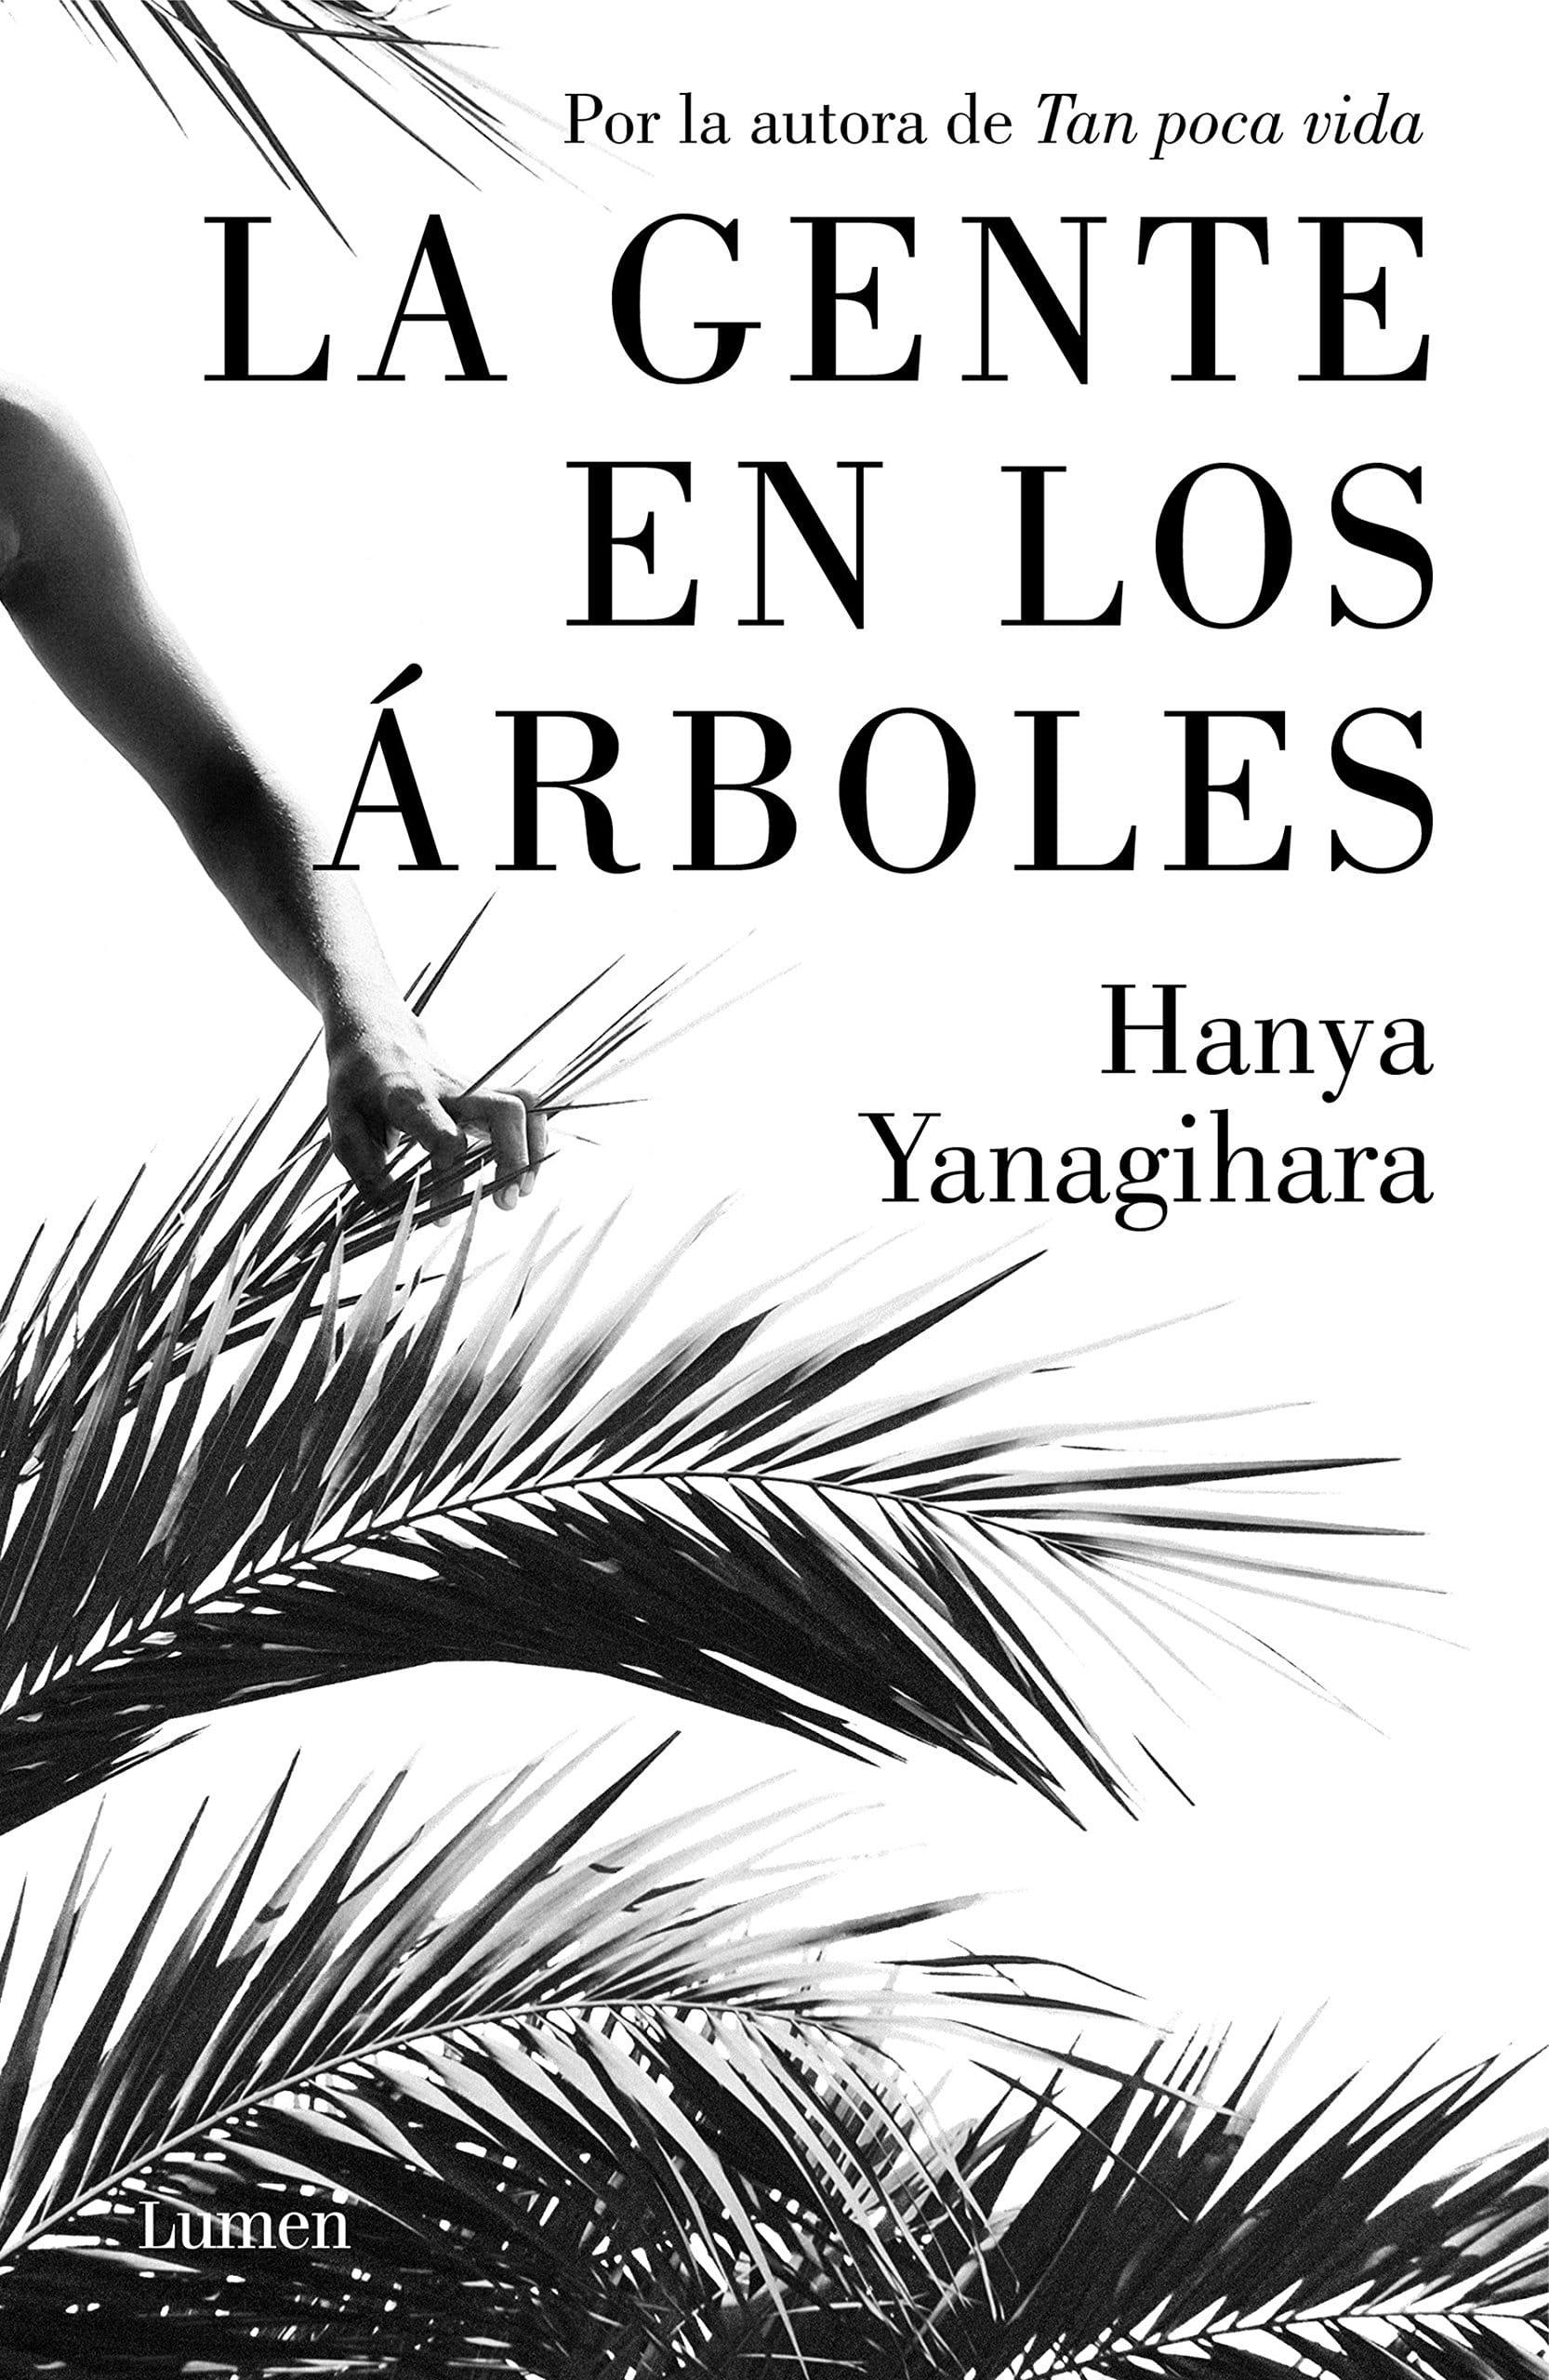 La gente en los árboles, de Hanya Yanagihara